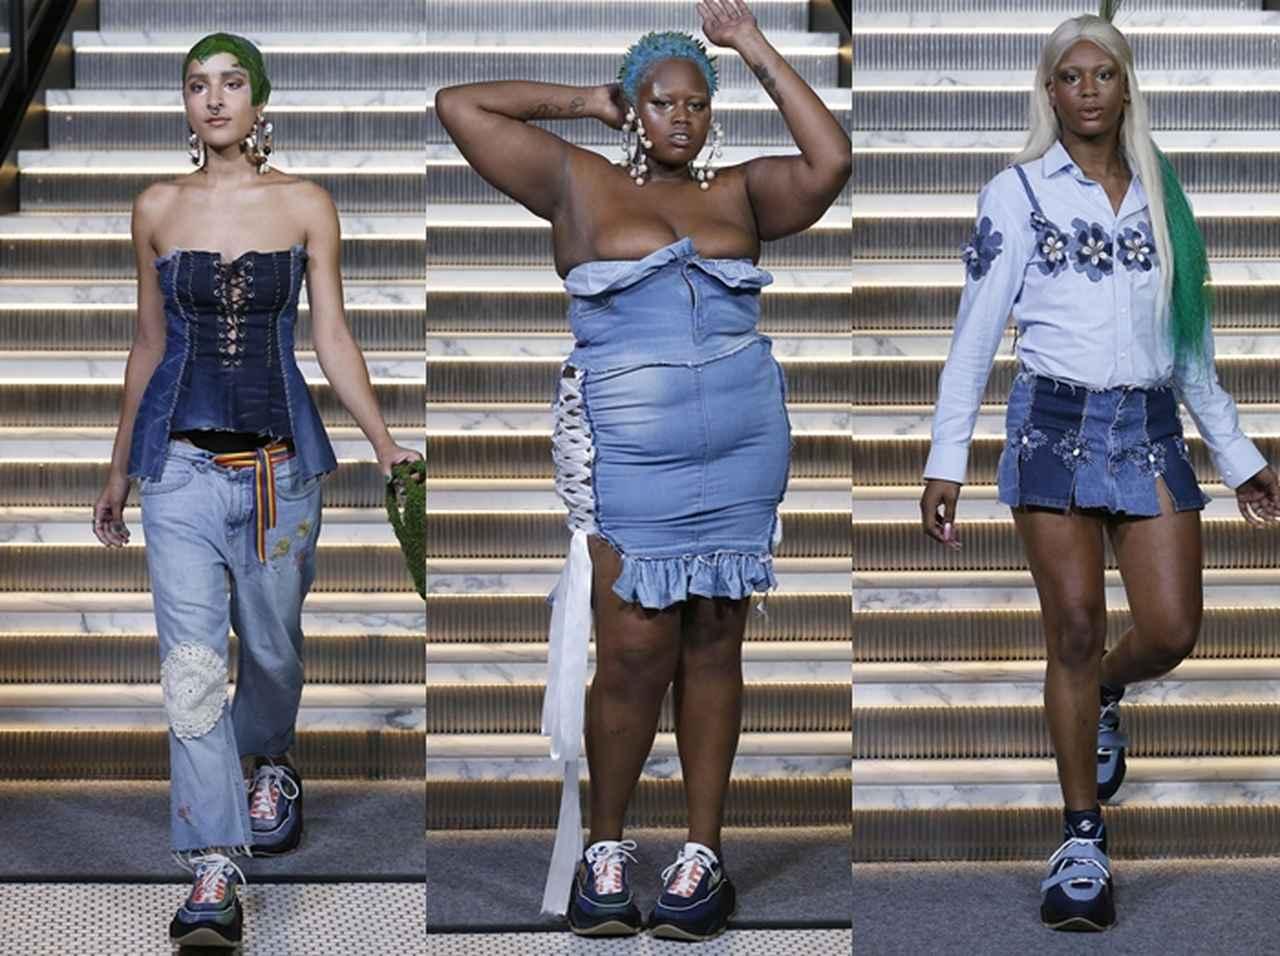 画像2: マドンナ娘、過激な「貝殻ブラ」スタイルでランウェイデビュー